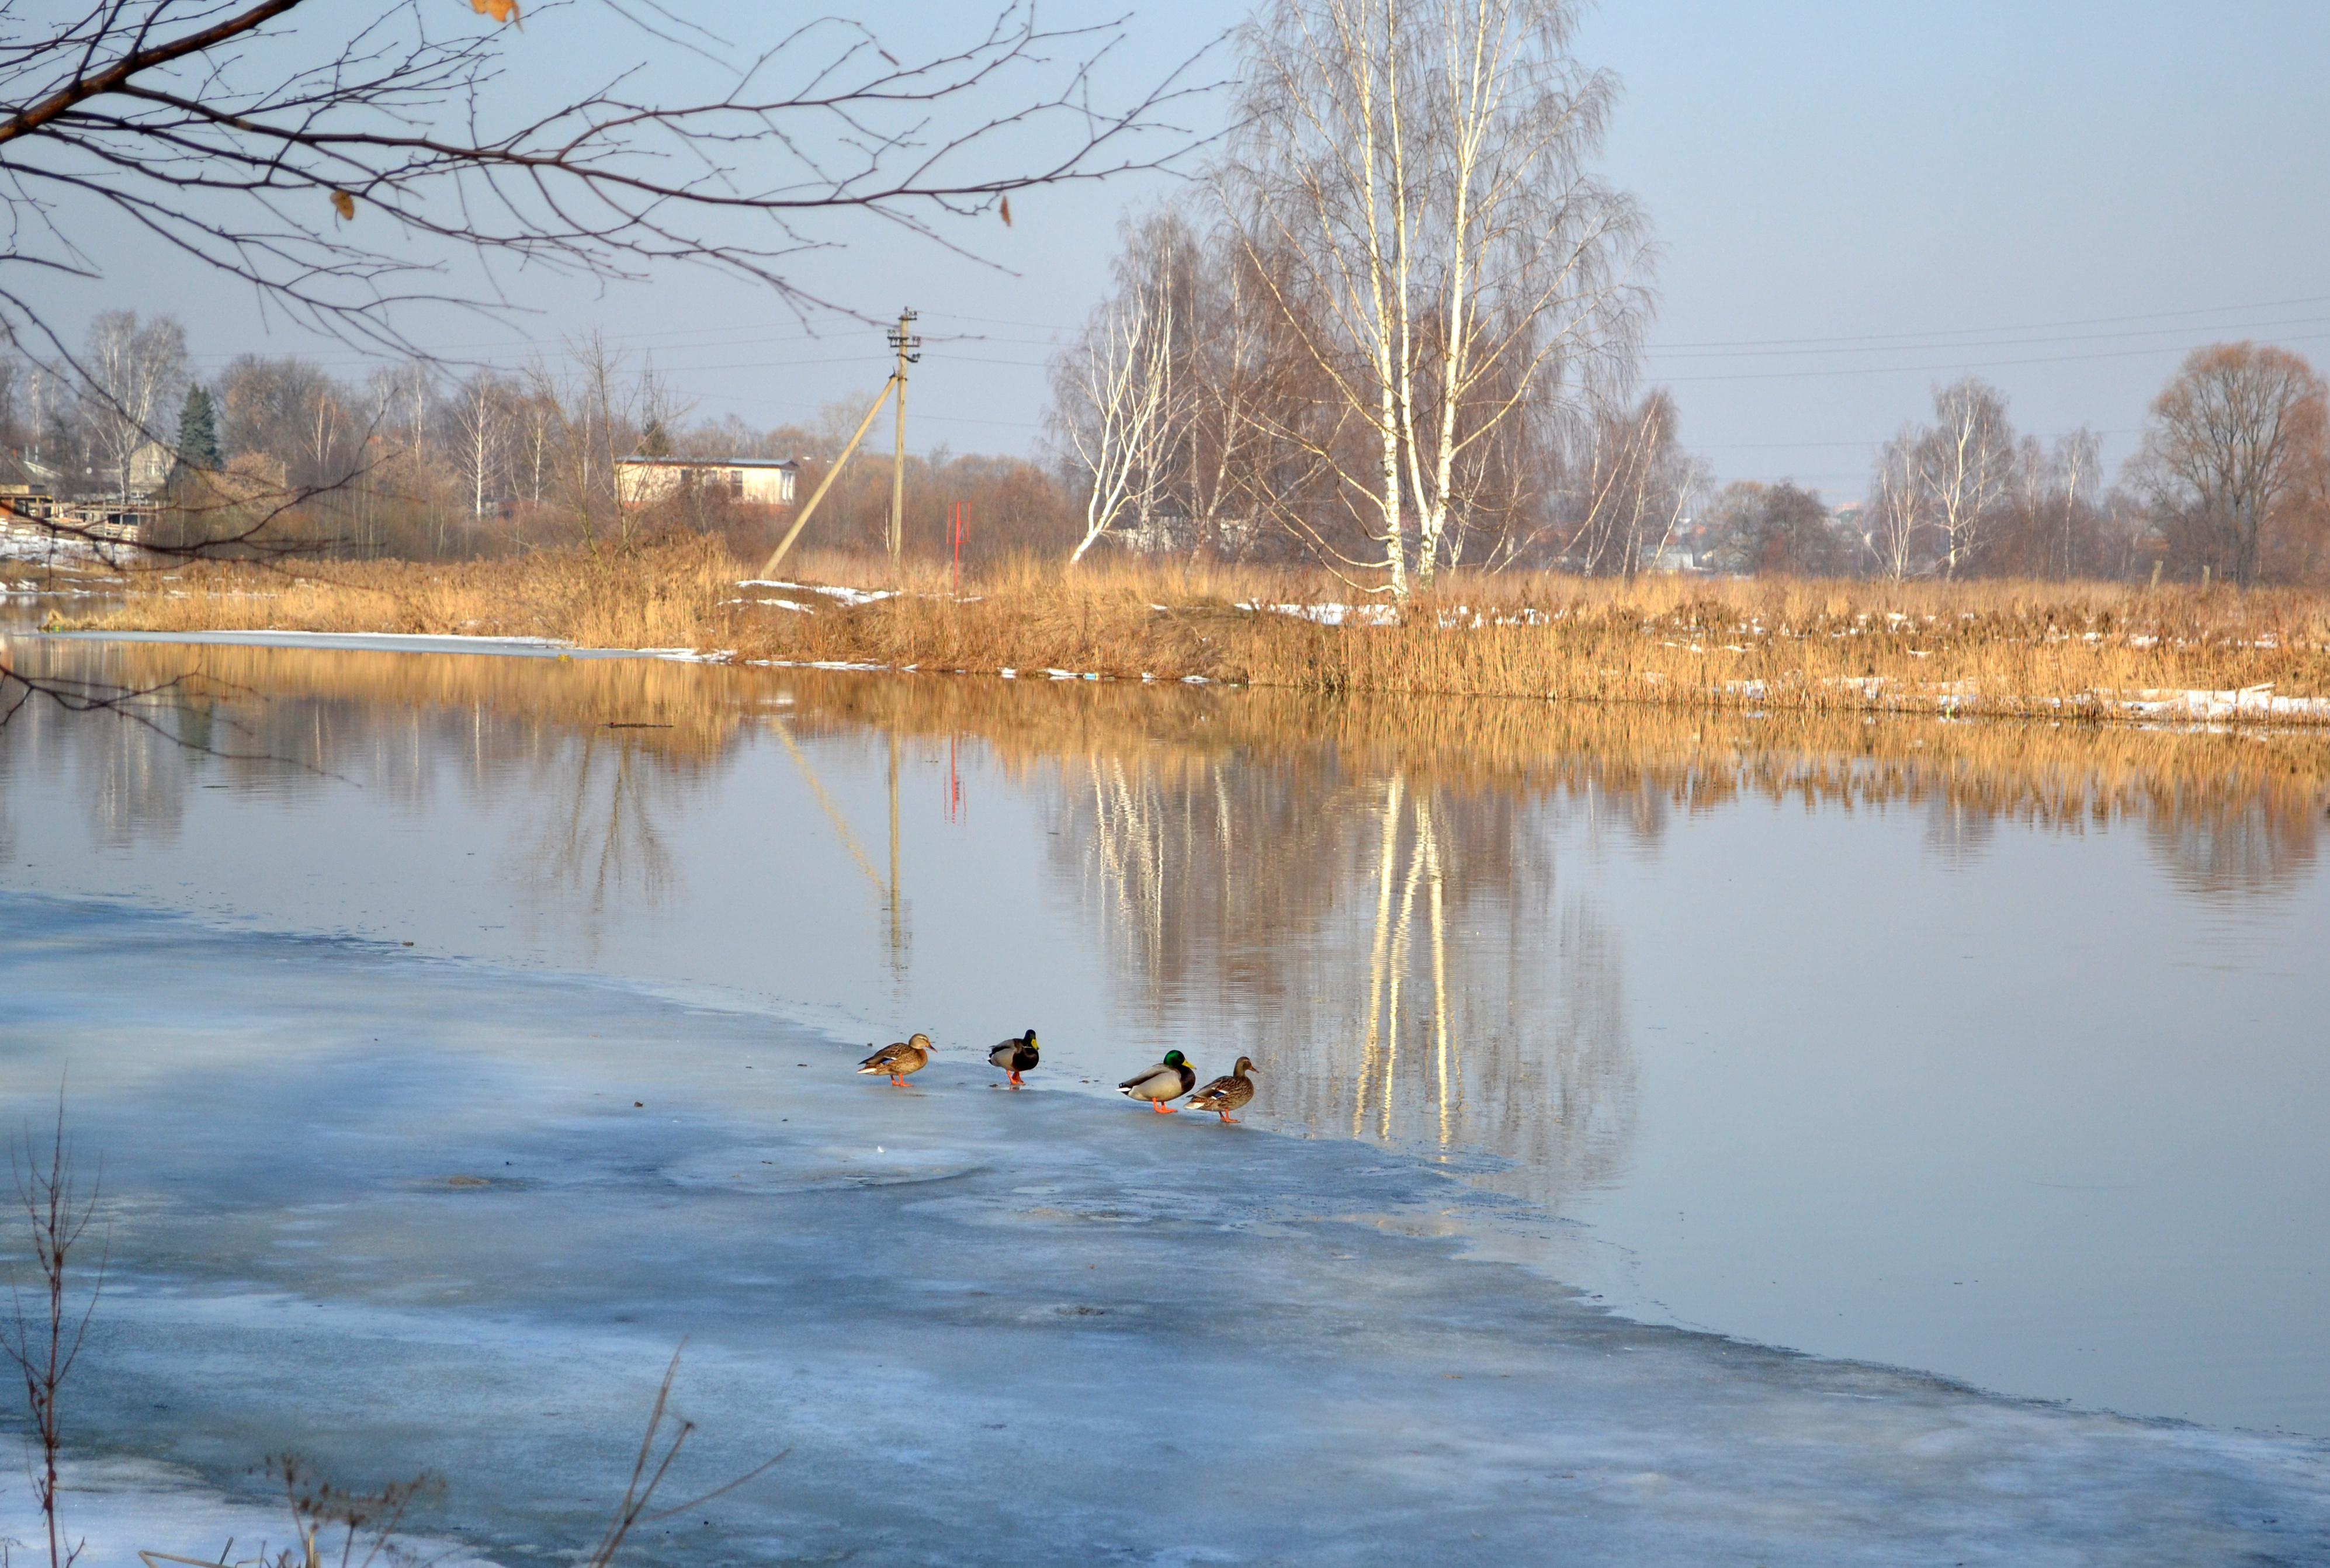 Виновников загрязнения берегов Клязьмы установили после вмешательства Минэкологии Подмосковья